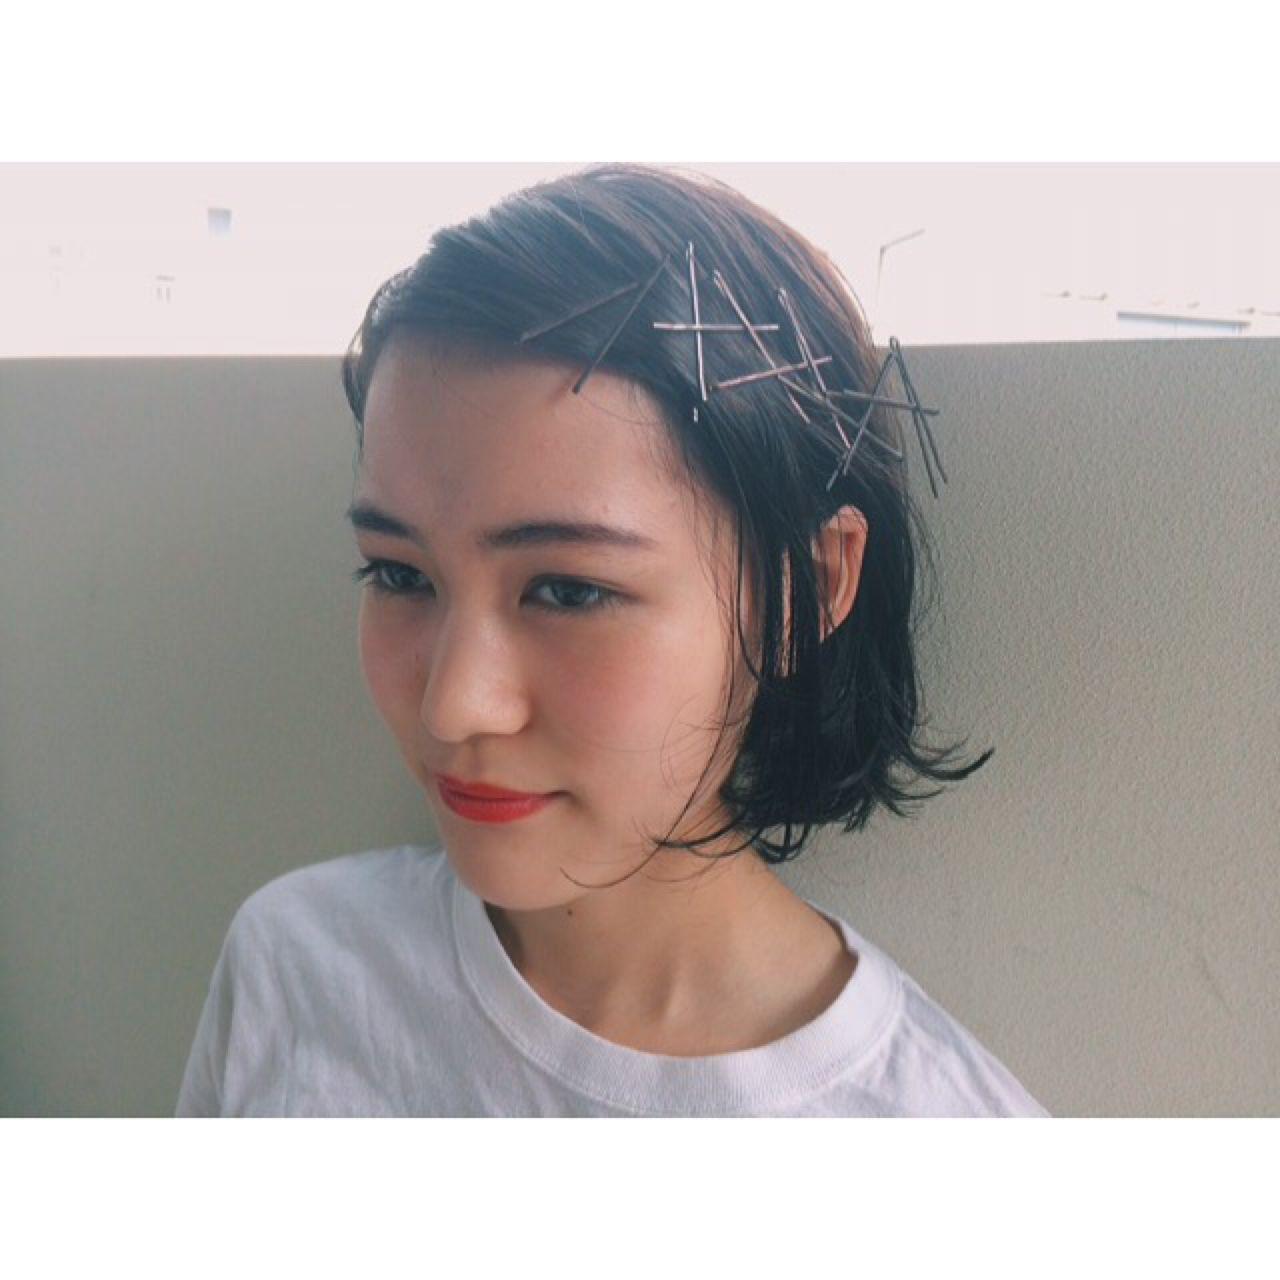 【2016夏ヘアアレンジ特集】ショートヘアでもできるアレンジ♡この夏のスタイル可愛さ倍増しちゃえ♪ asako / nanuk shibuya